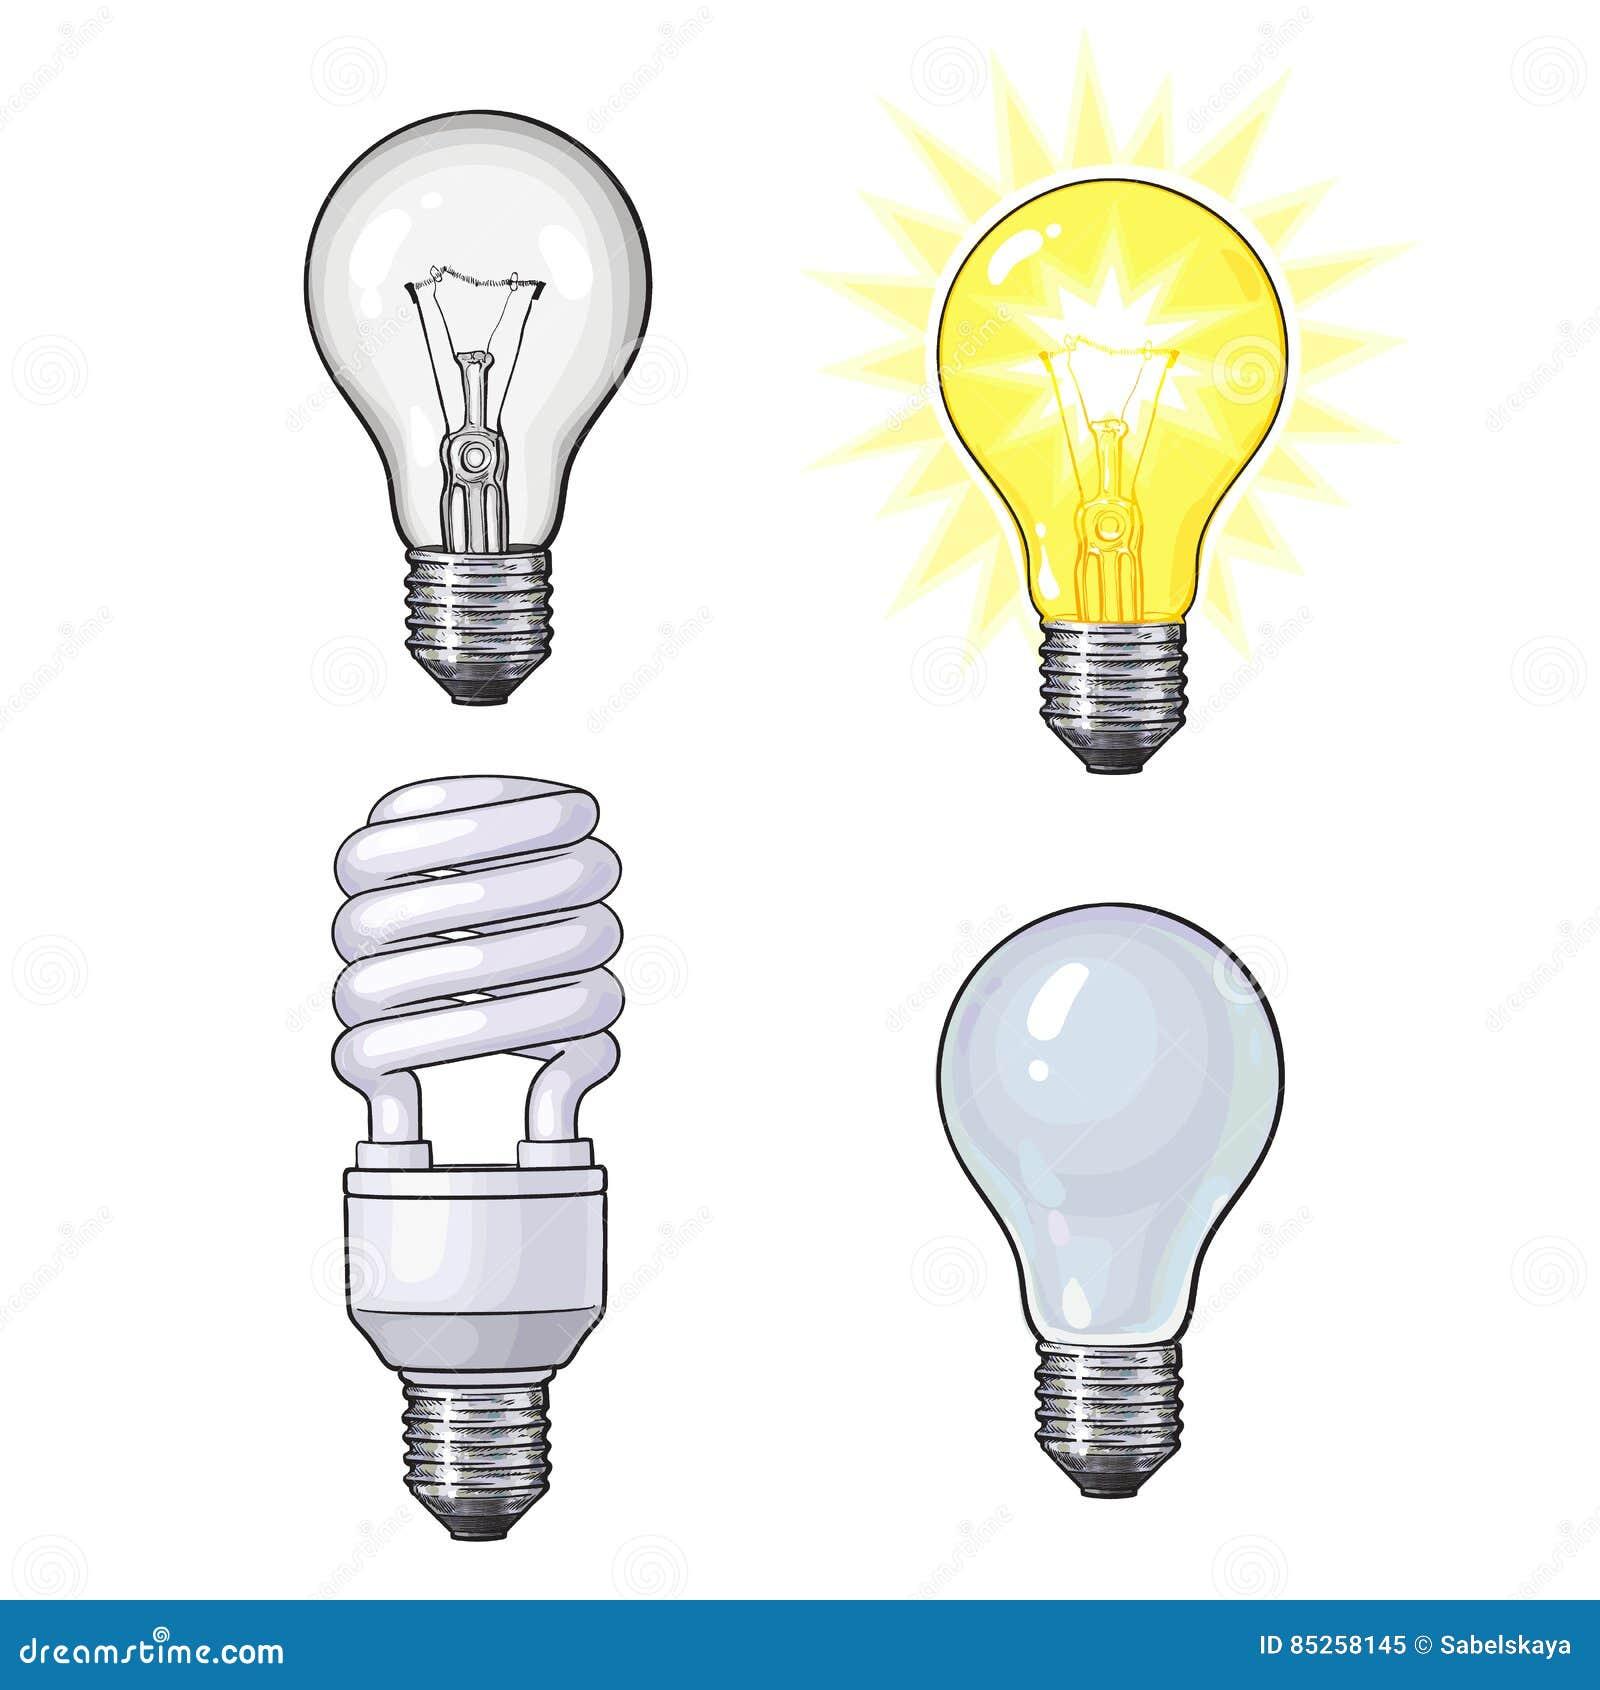 Σύνολο διαφανούς, αδιαφανής, πυράκτωσης και ενέργειας - λάμπα φωτός αποταμίευσης